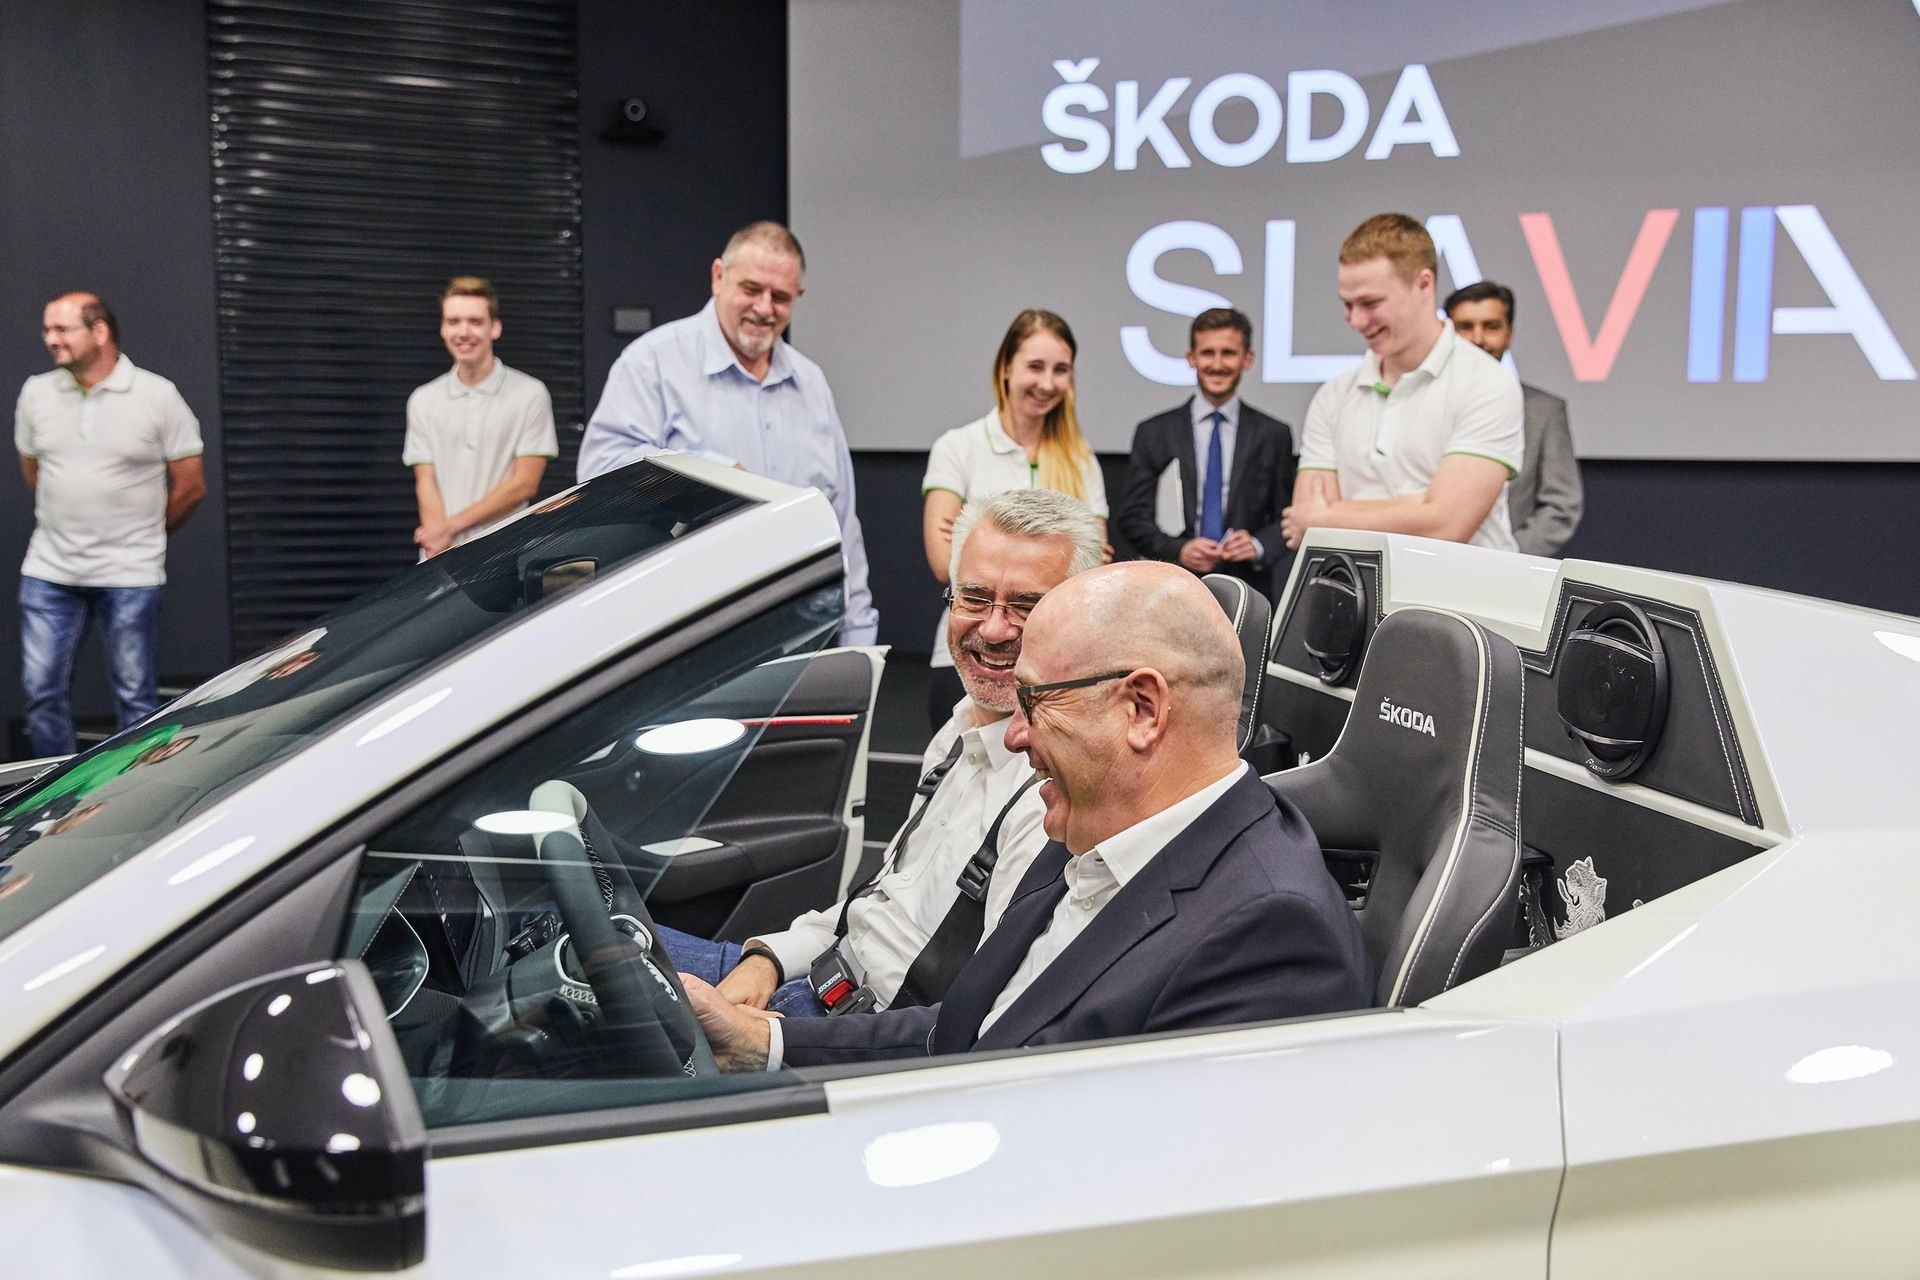 Skoda_Slavia_0110